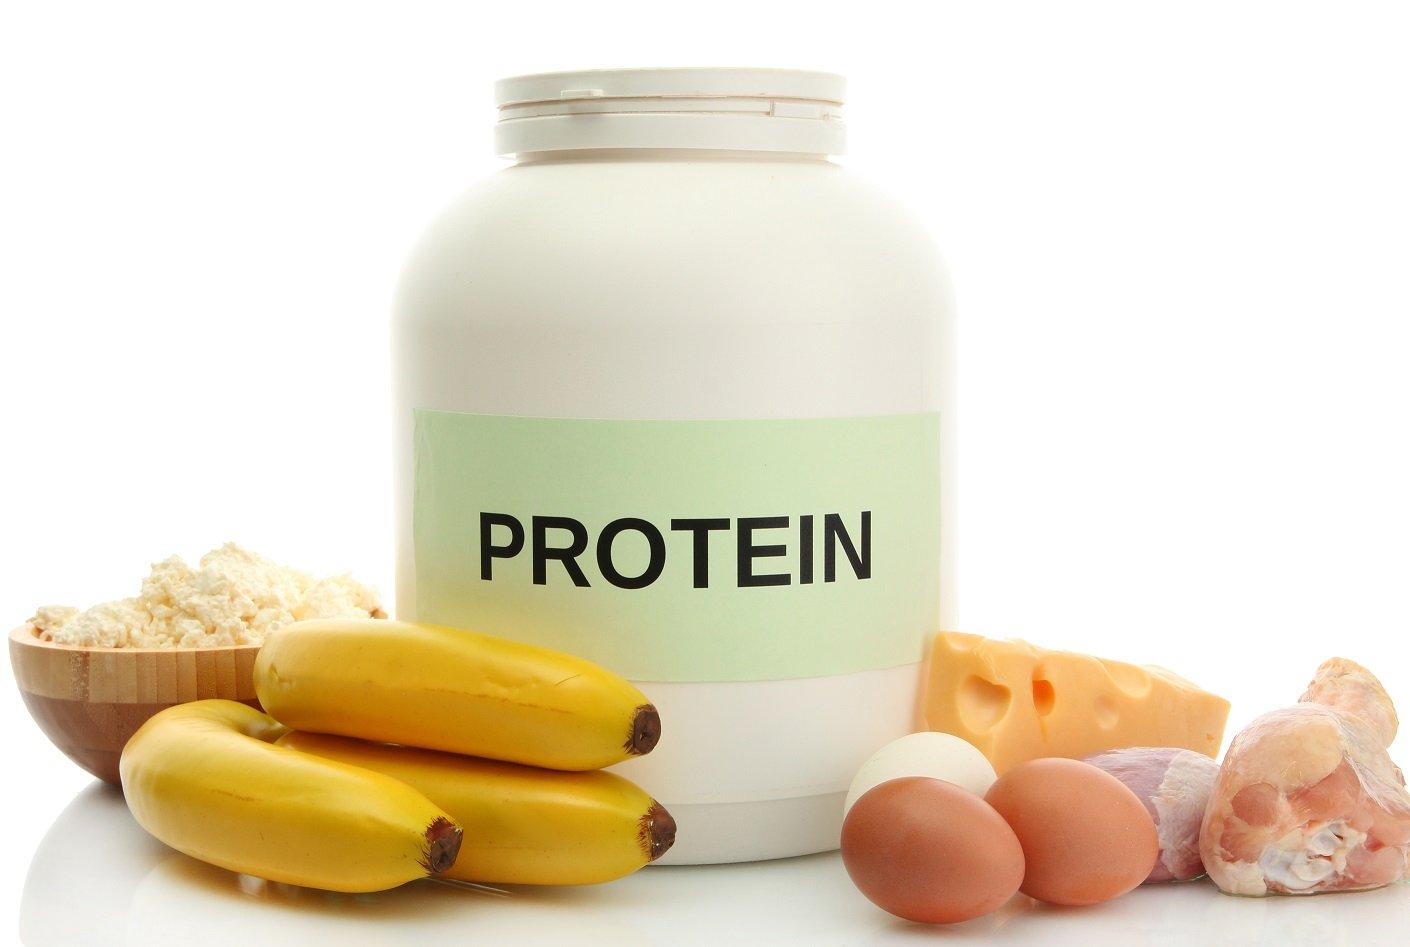 Основную массу в составе протеина занимают белки